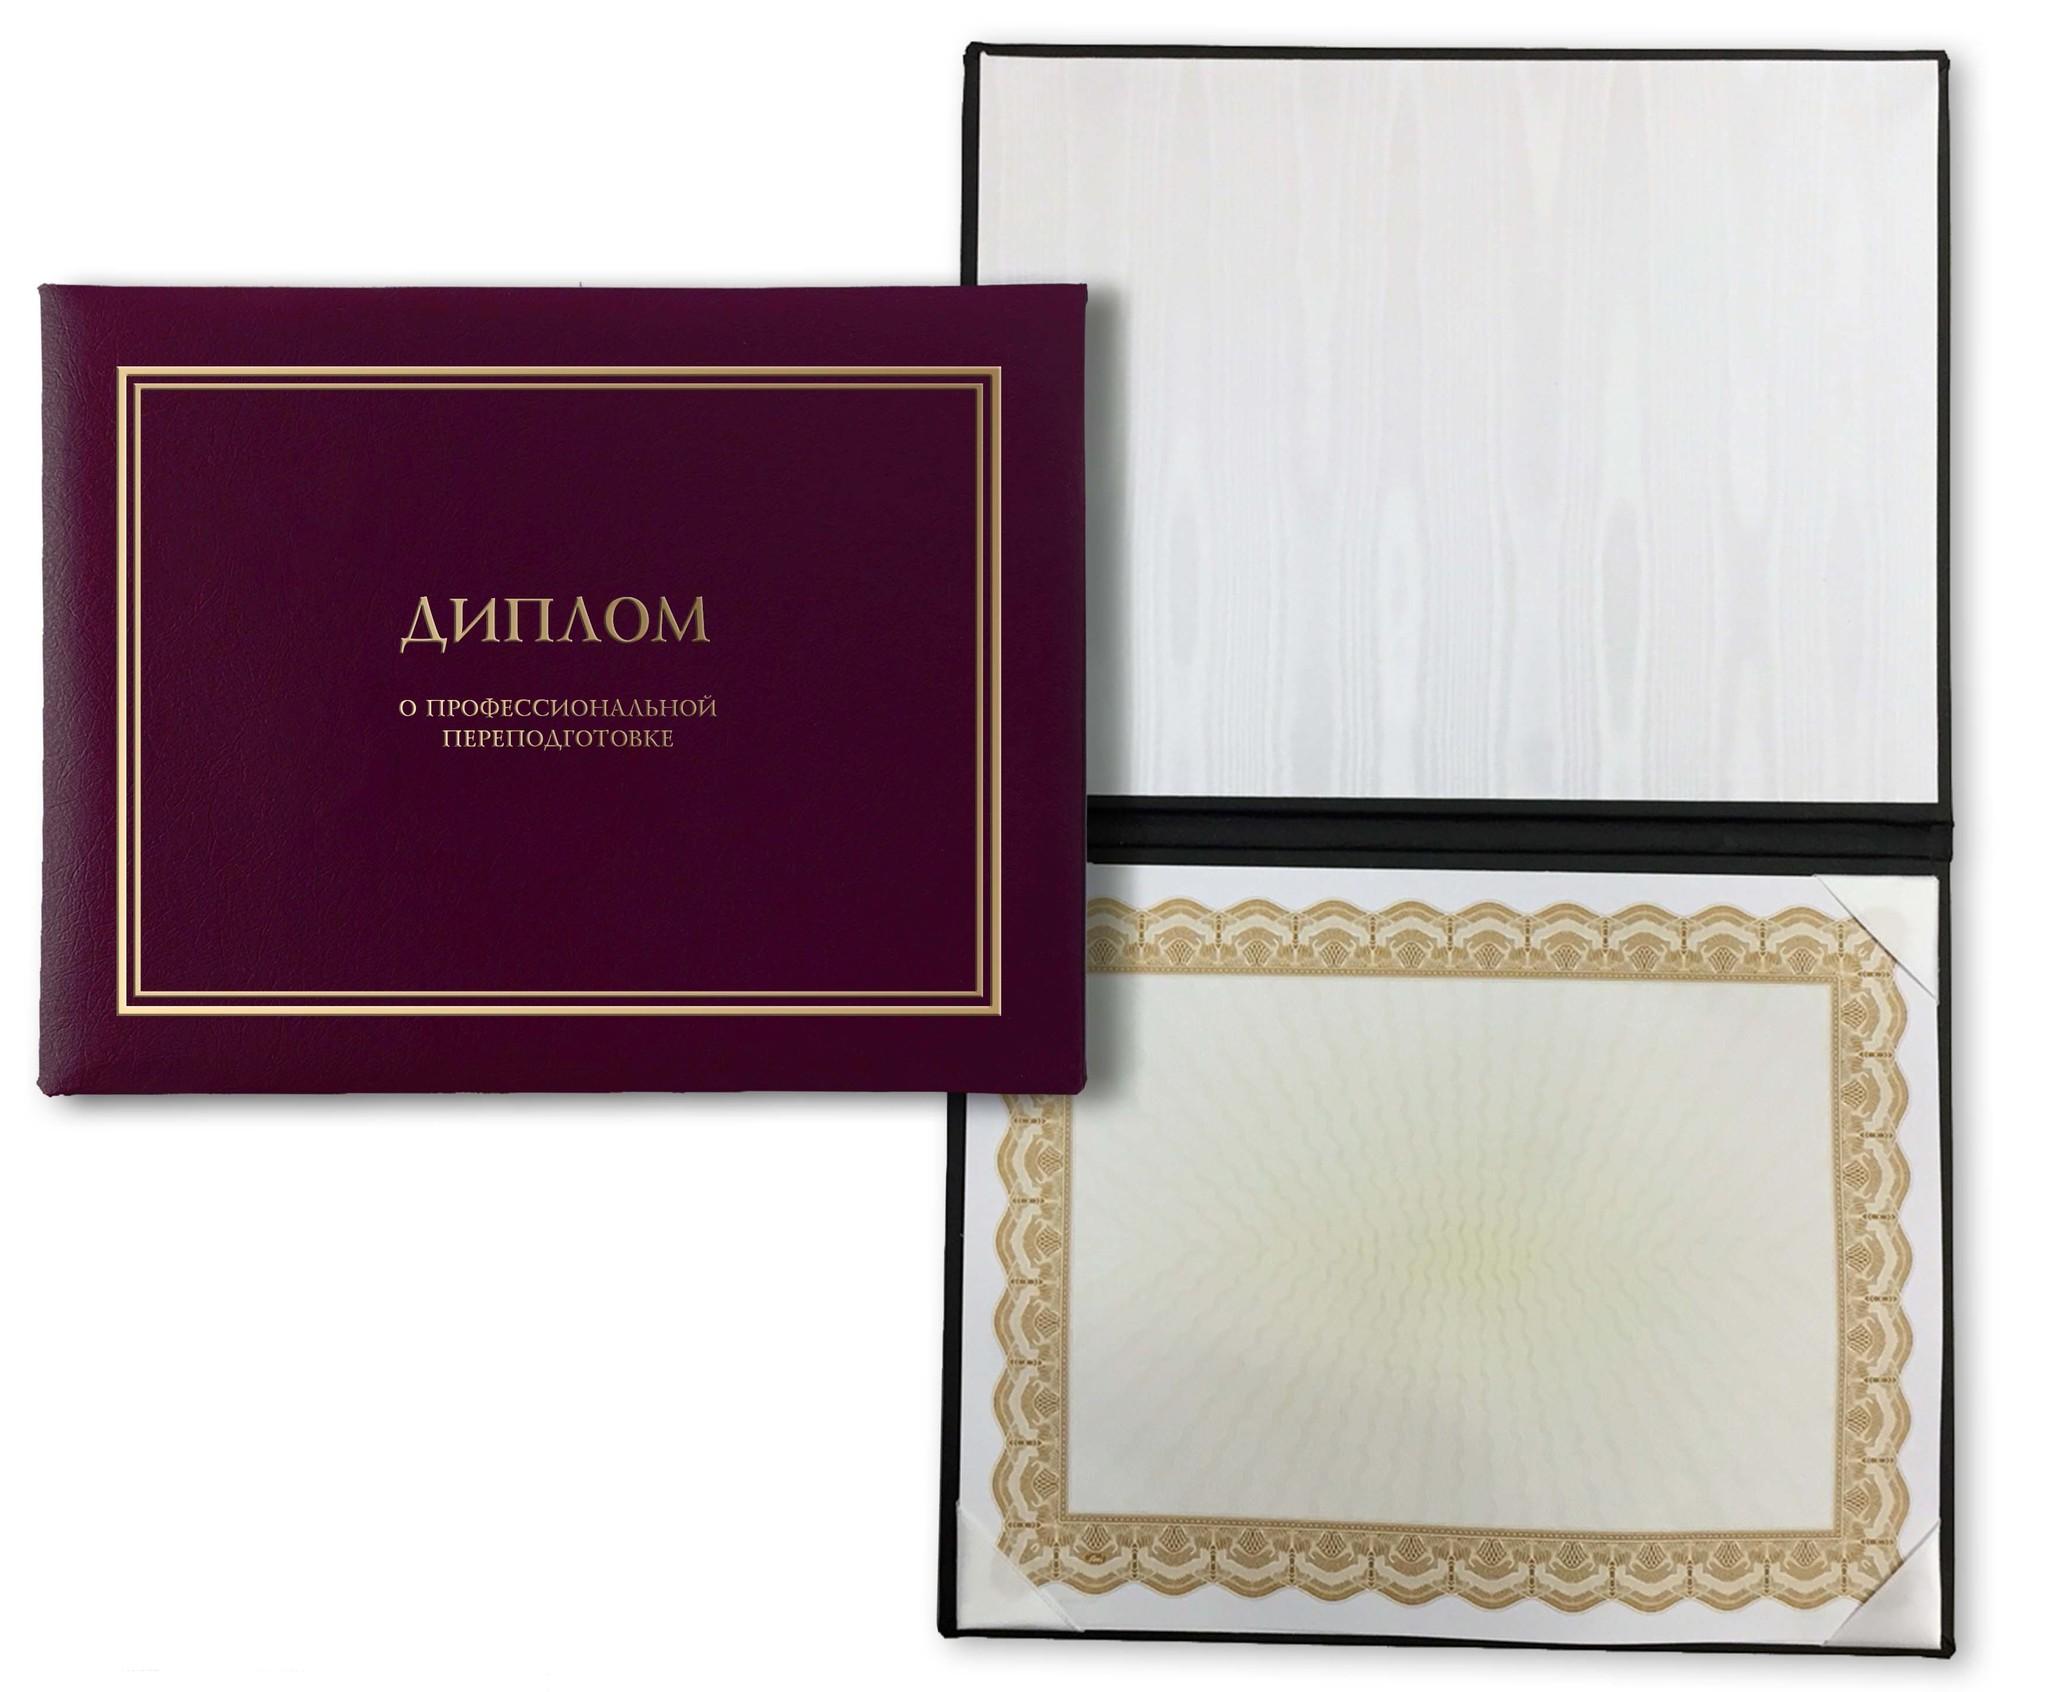 Папка обложка «Эстет» для сертификата/диплома